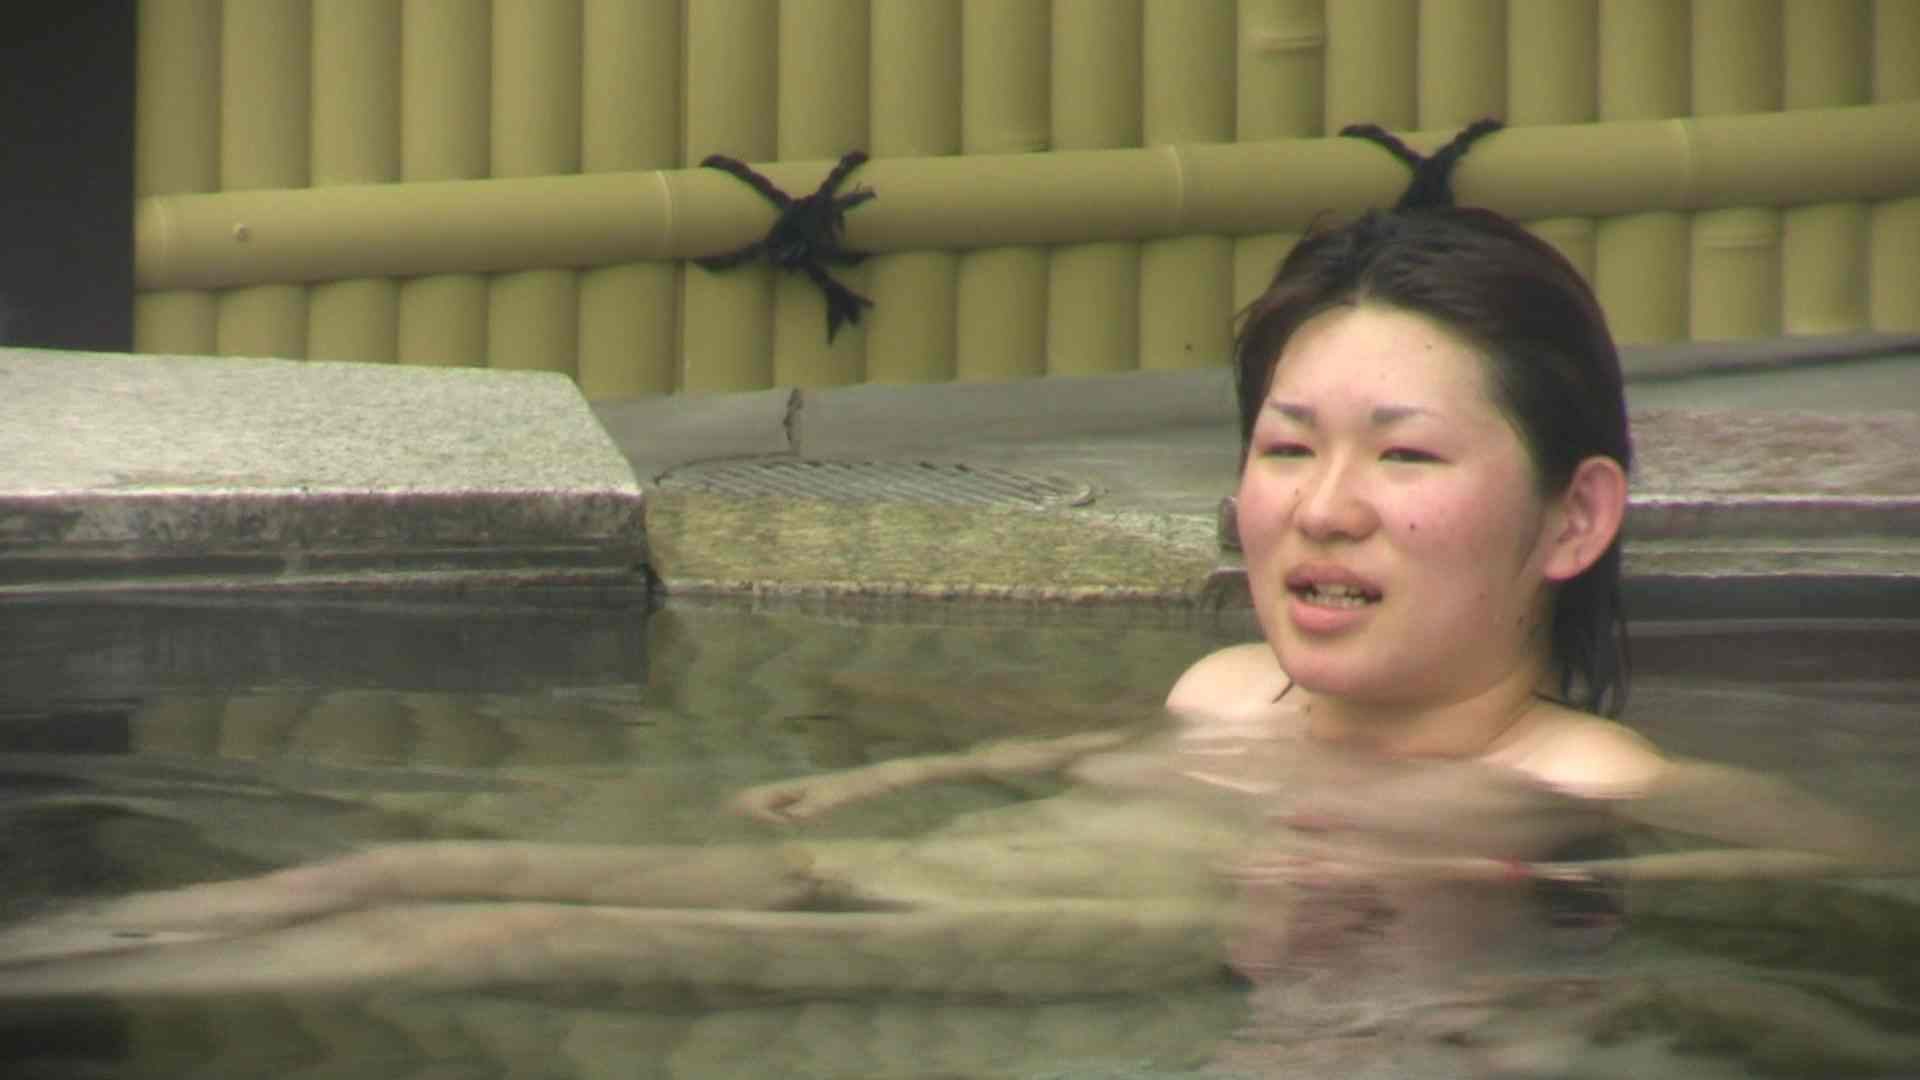 Aquaな露天風呂Vol.673 0  91pic 72